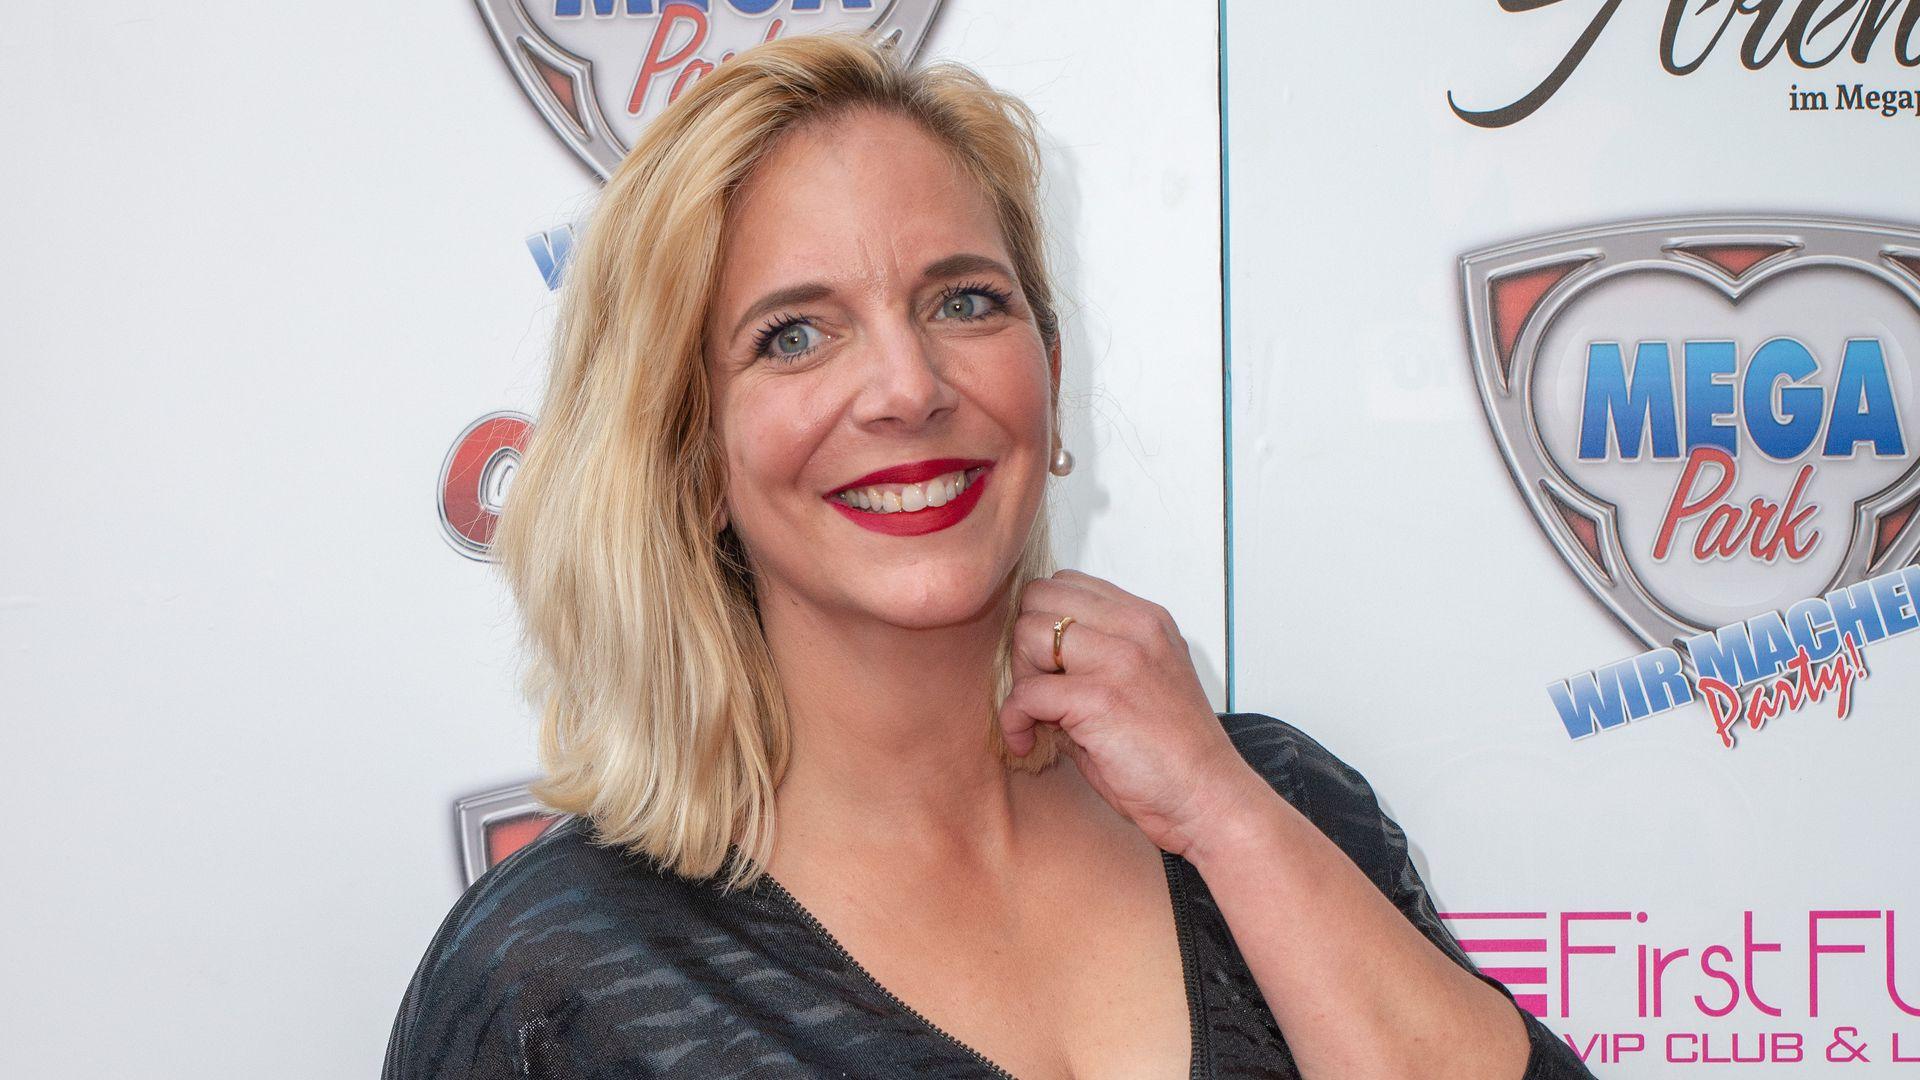 Daniela Büchner Brust